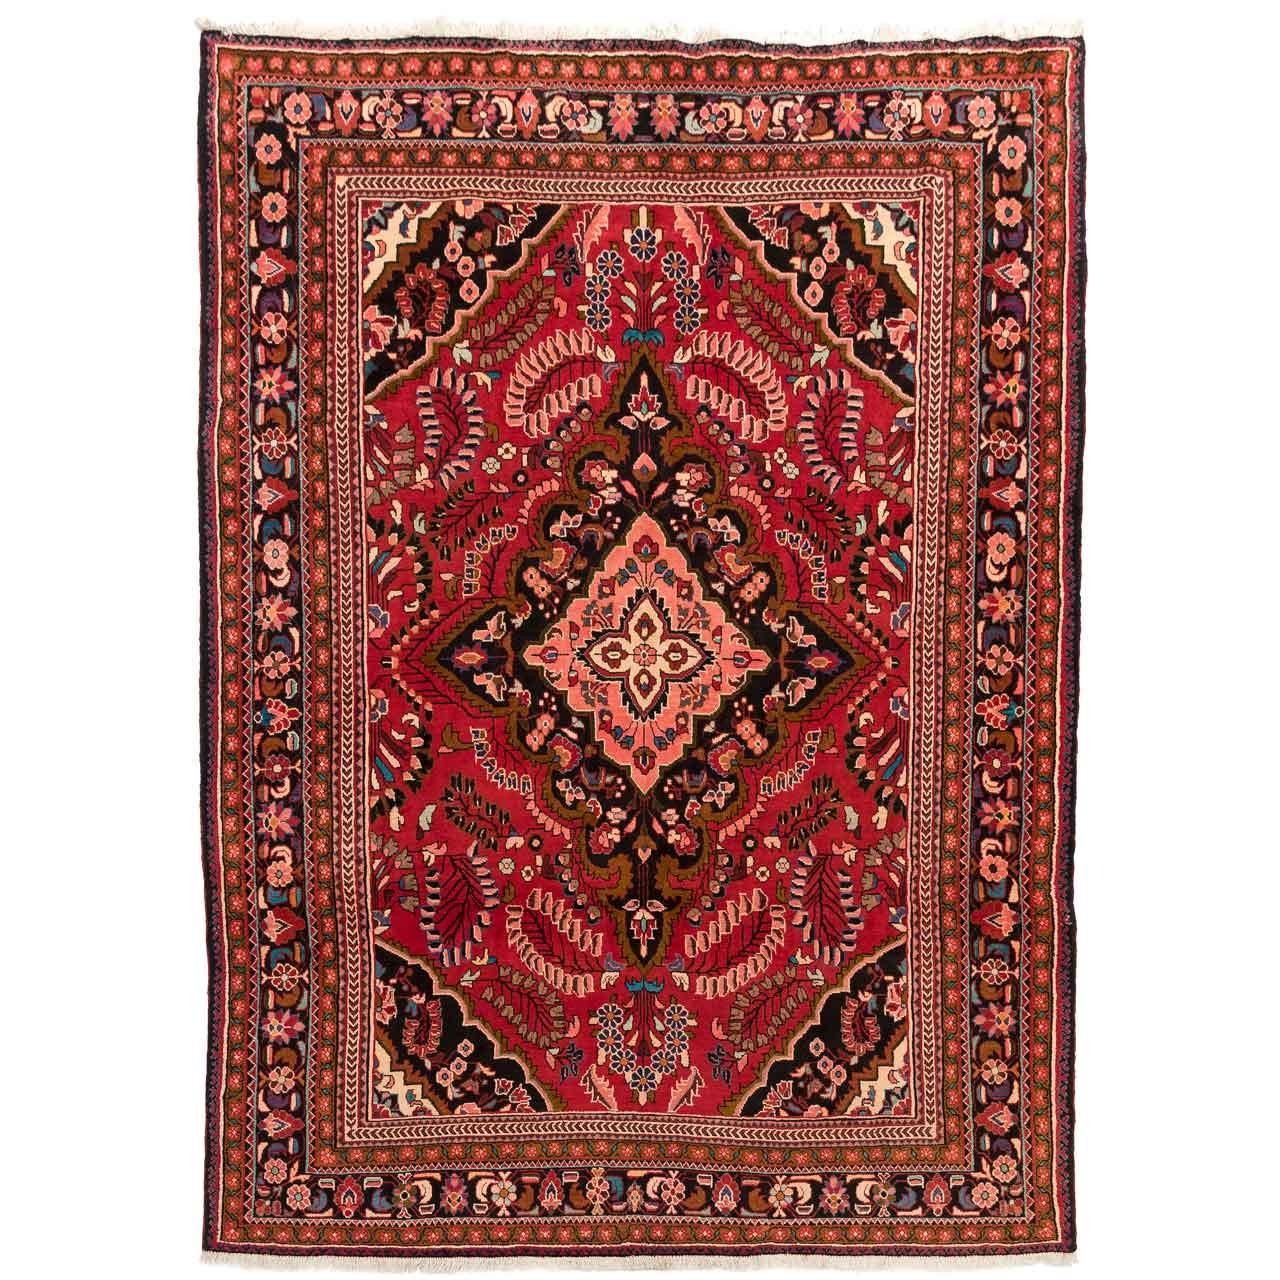 فرش دستبافت قدیمی هفت متری سی پرشیا کد 102182